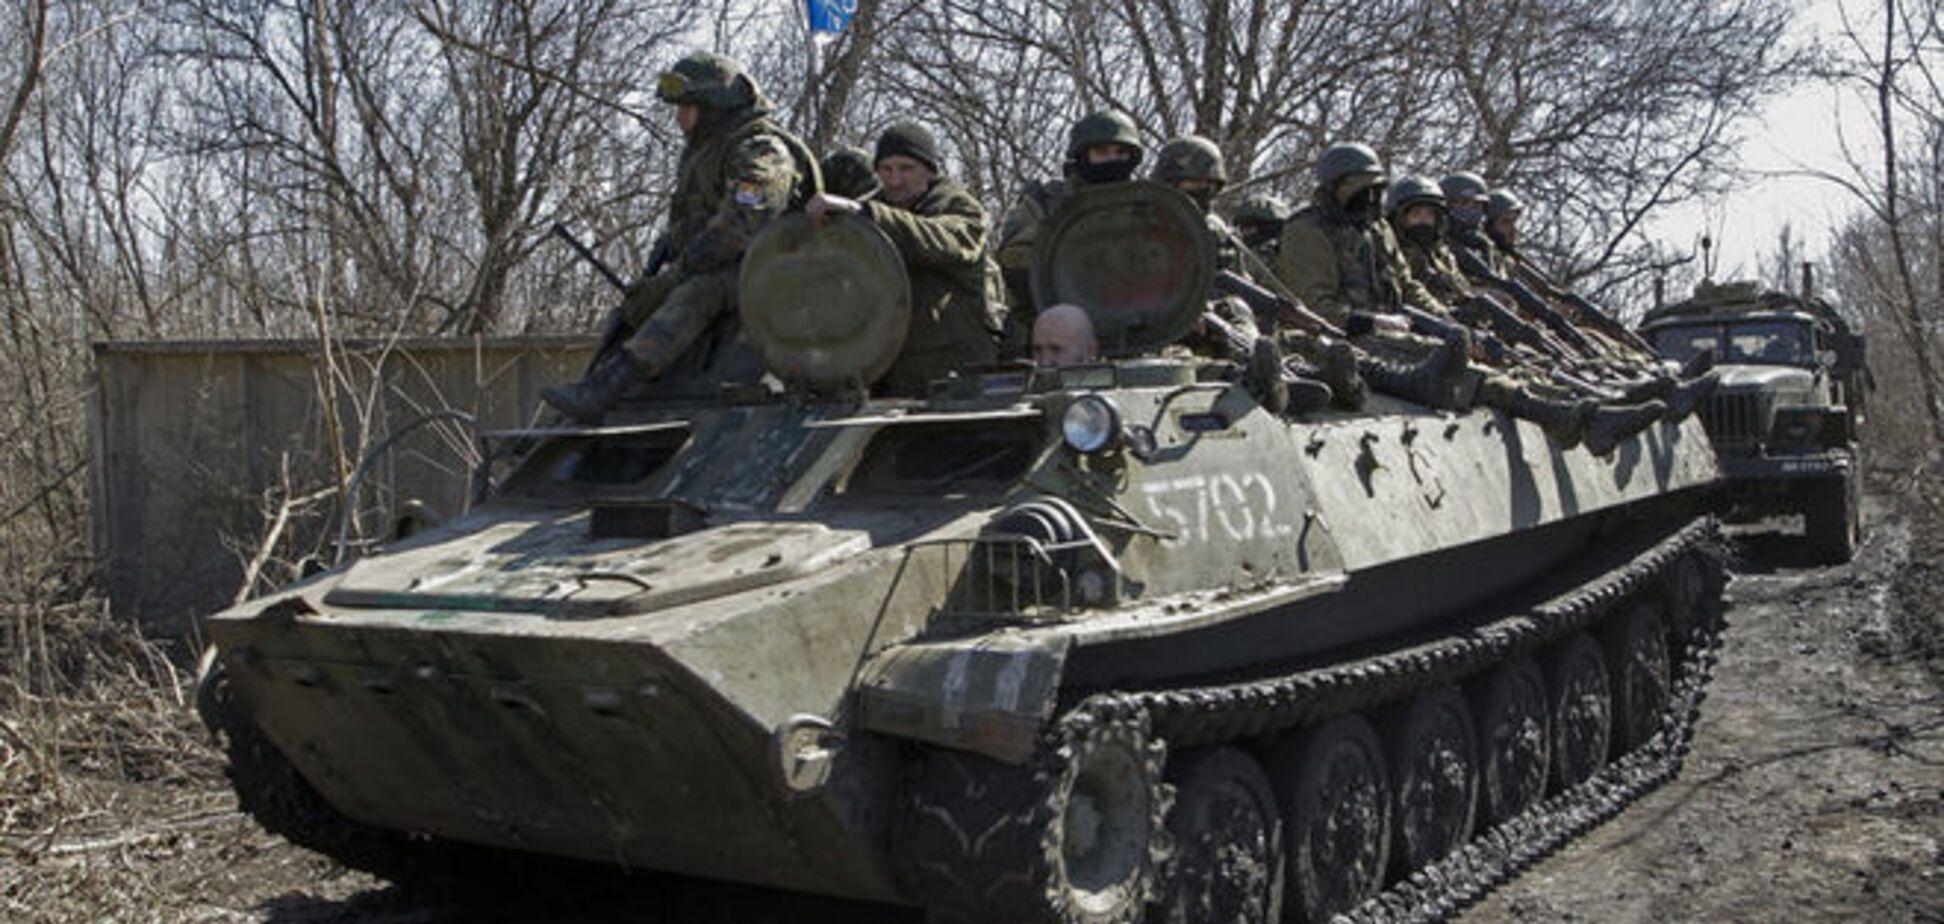 Адмирал Кабаненко: вторжение России в Украину уже произошло